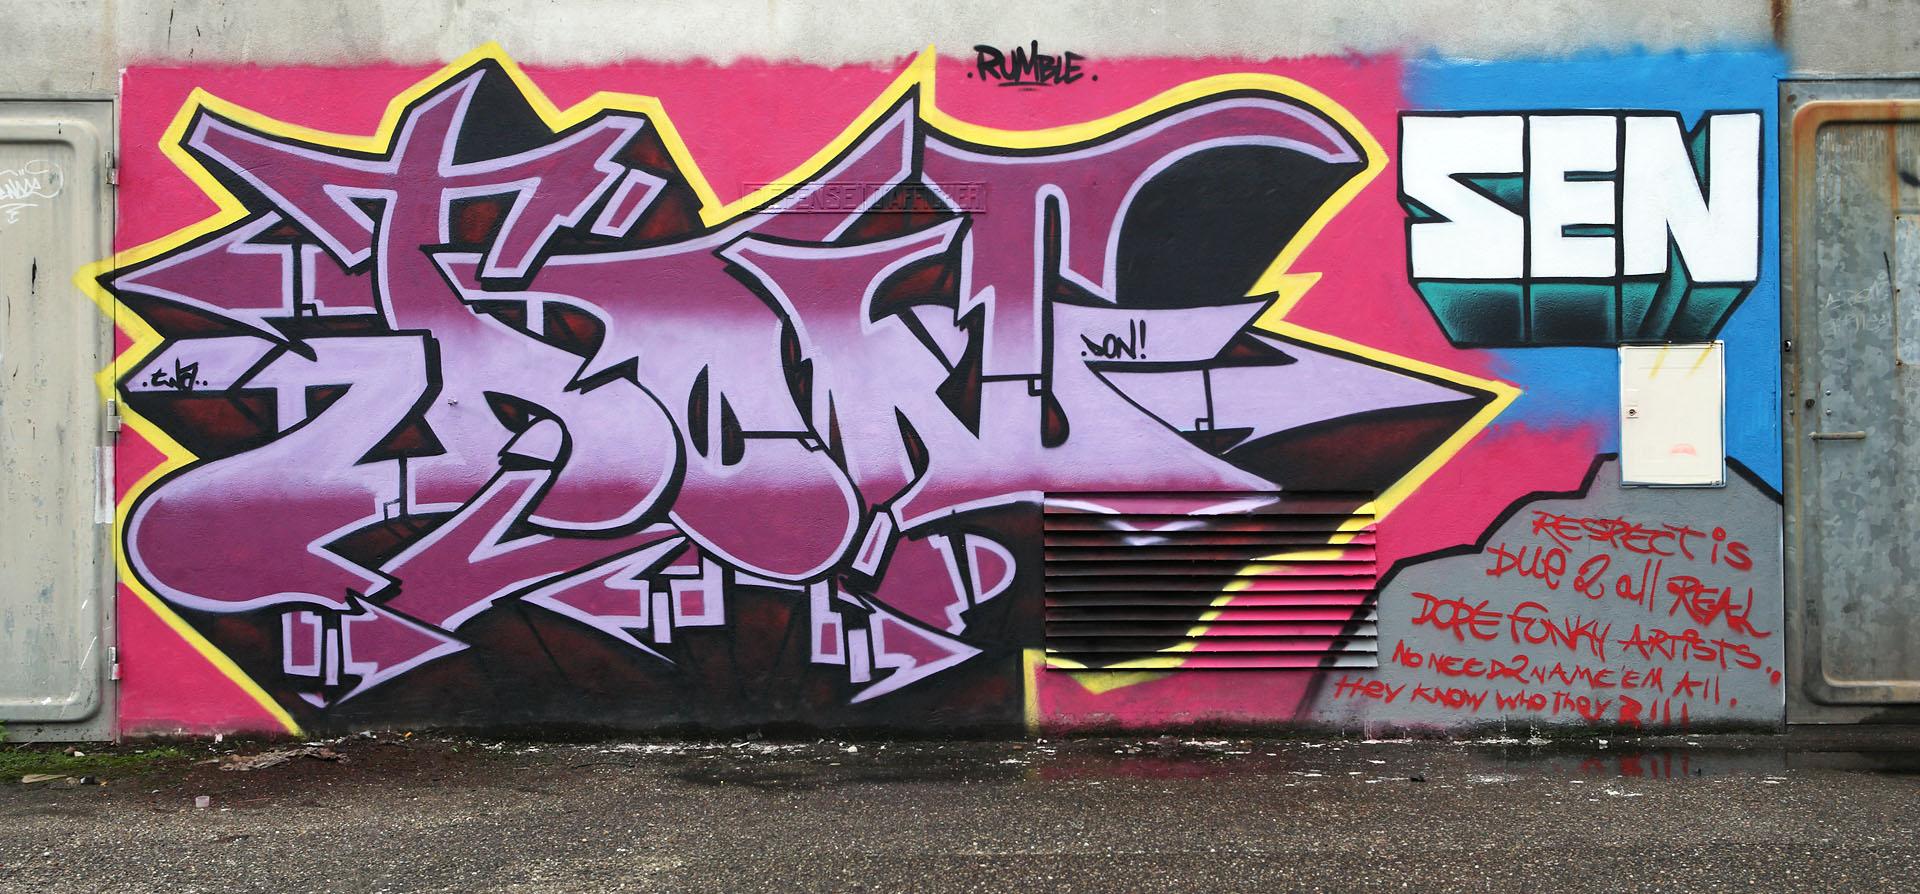 Graffikart-Don-TWA-chaufferie-Vaulx